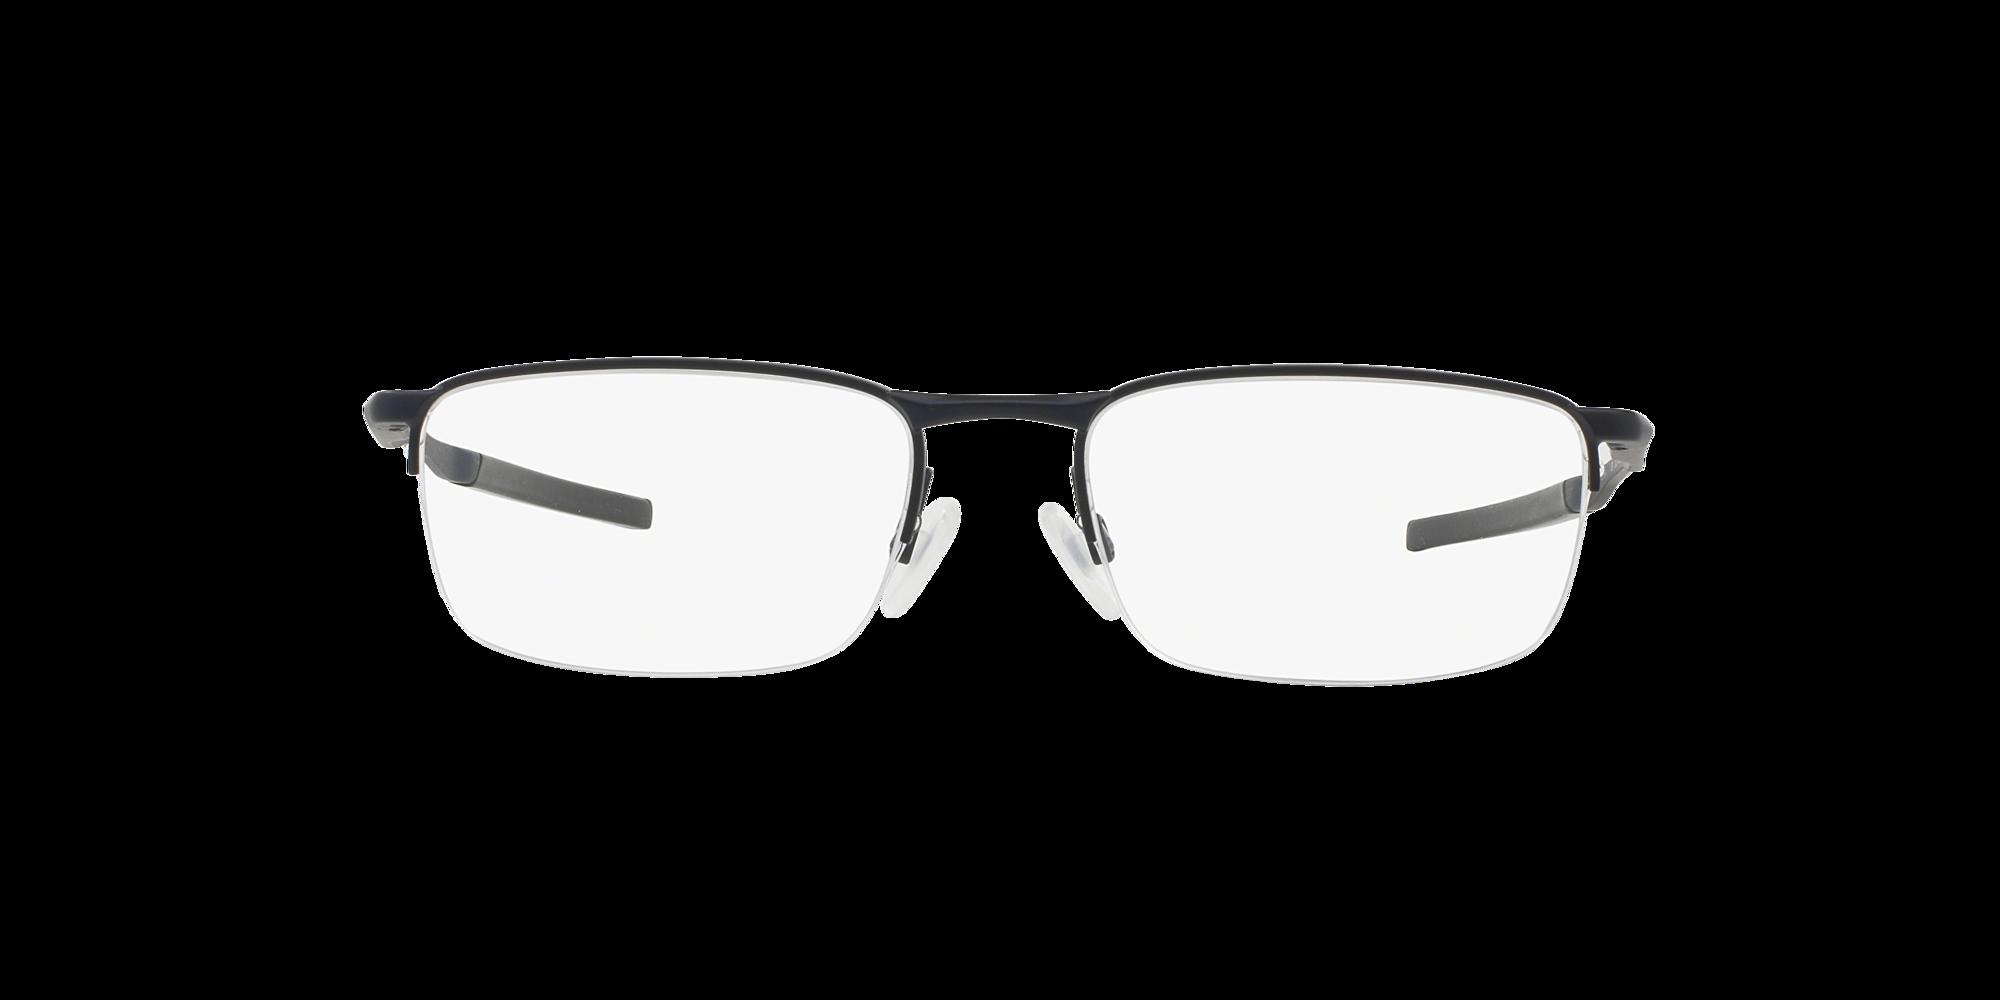 Imagen para OX3174 BARRELHOUSE 0 de LensCrafters |  Espejuelos, espejuelos graduados en línea, gafas